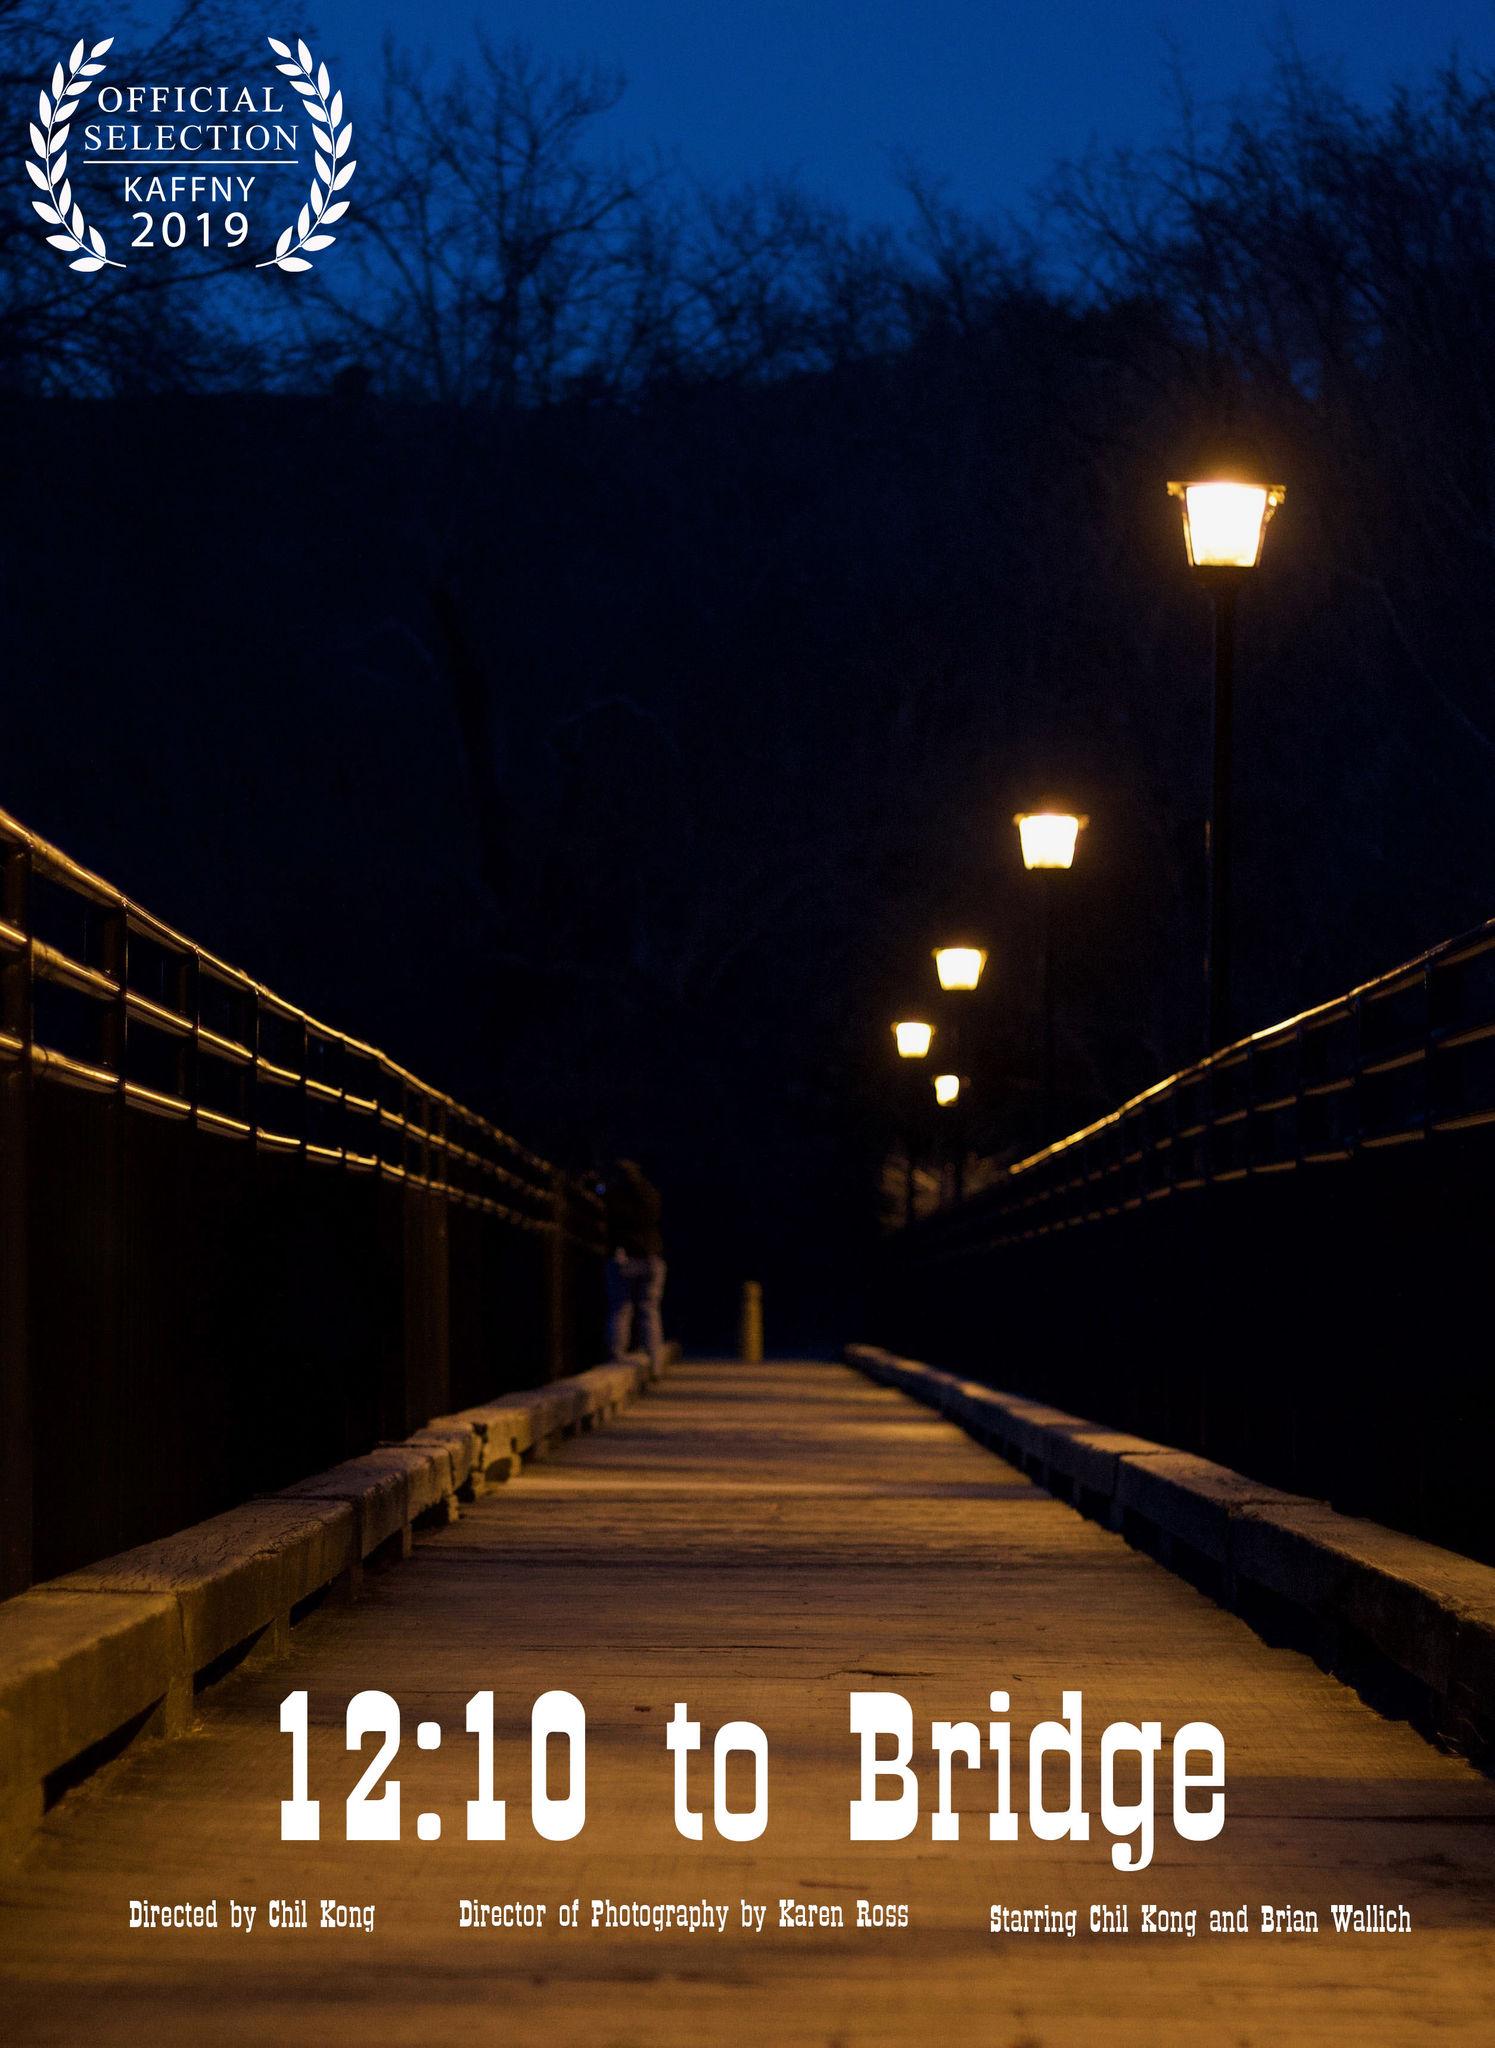 12:10 to Bridge